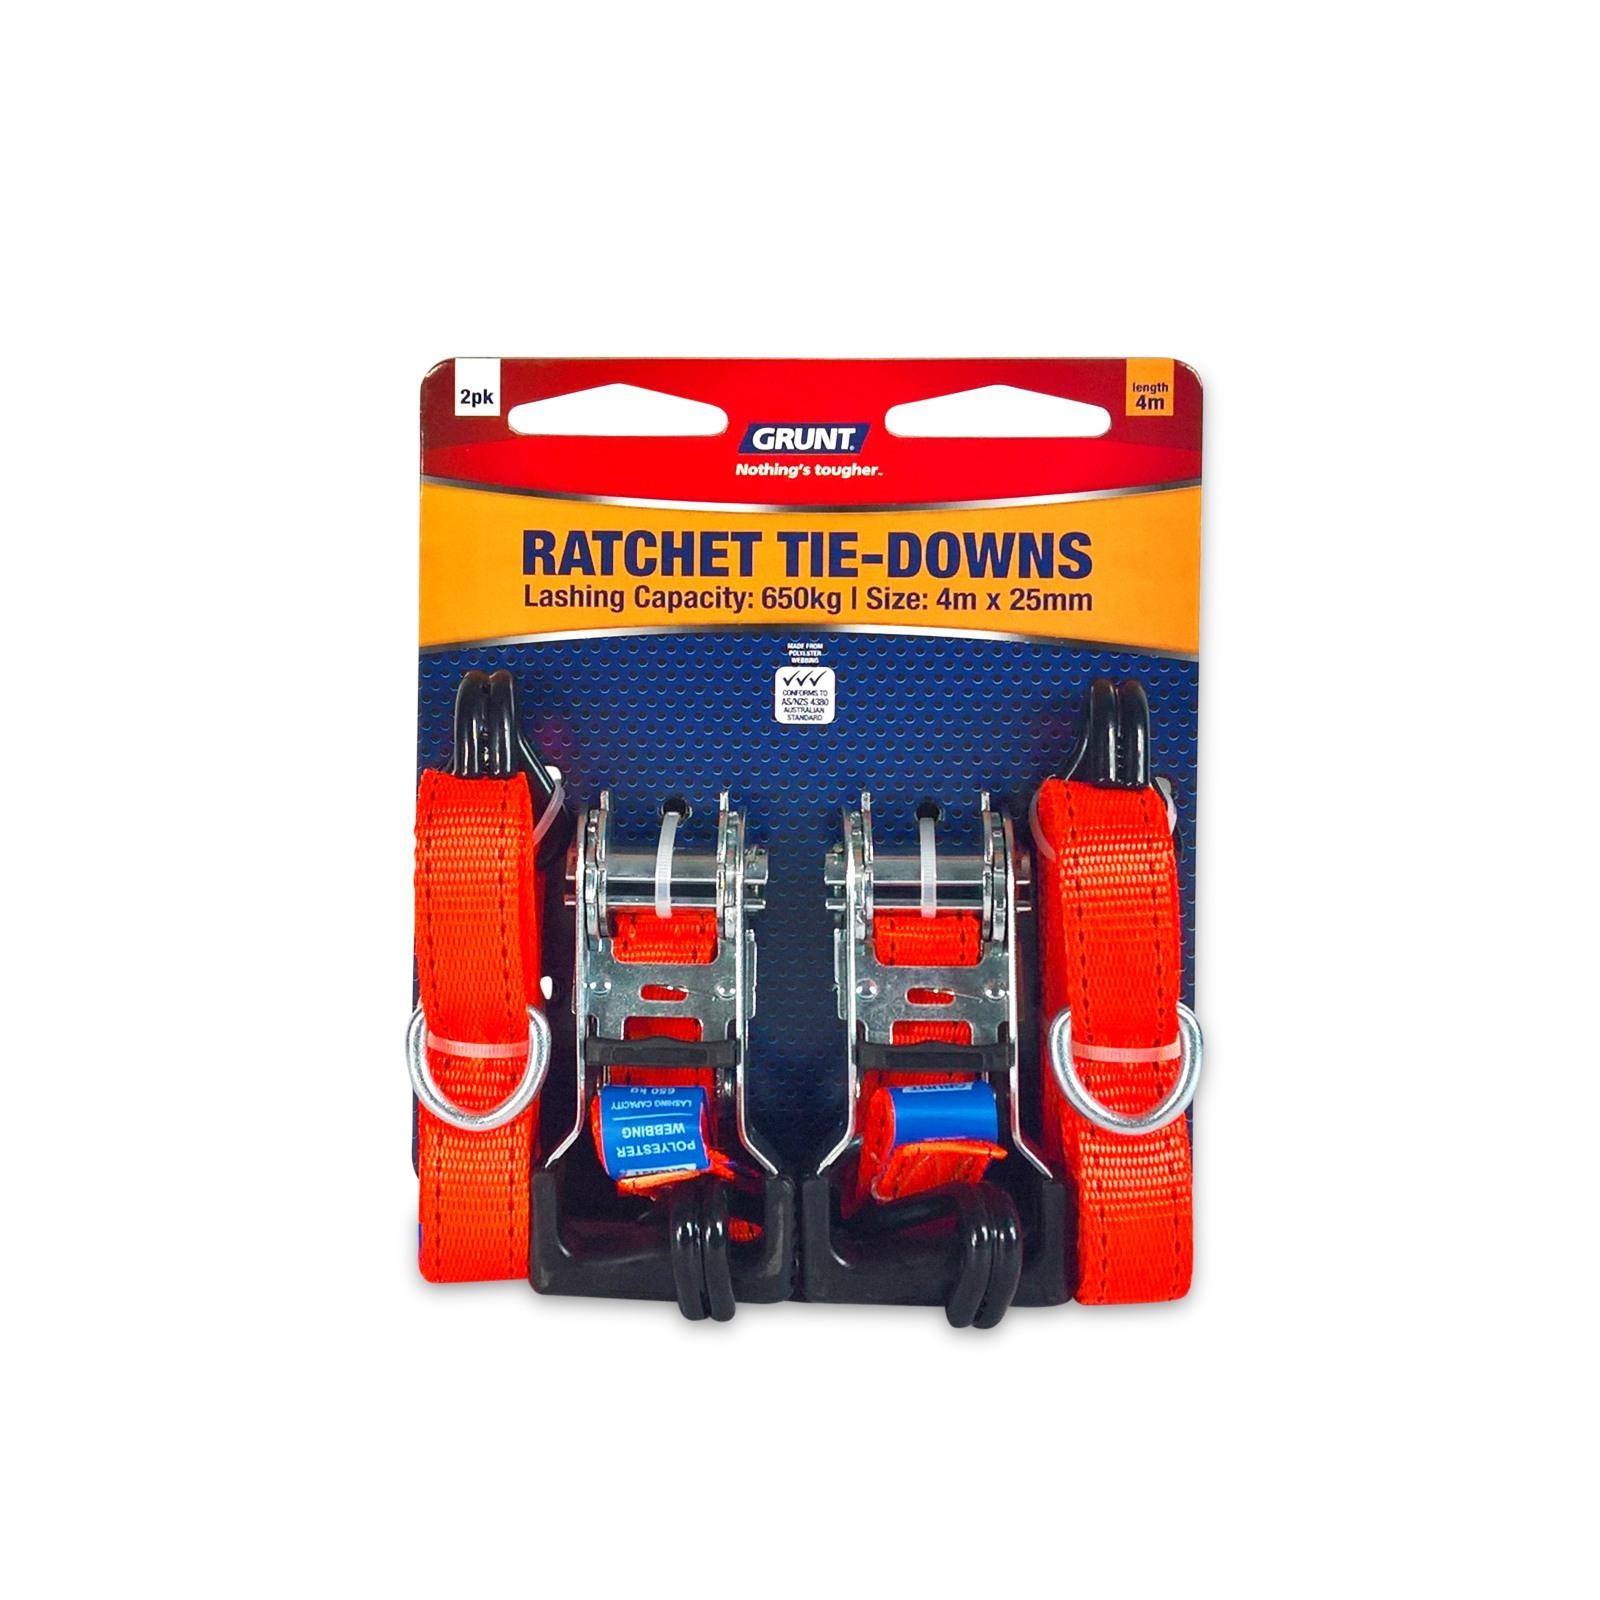 Grunt 25mm x 4m Ratchet Tie Down Straps - 2 Pack